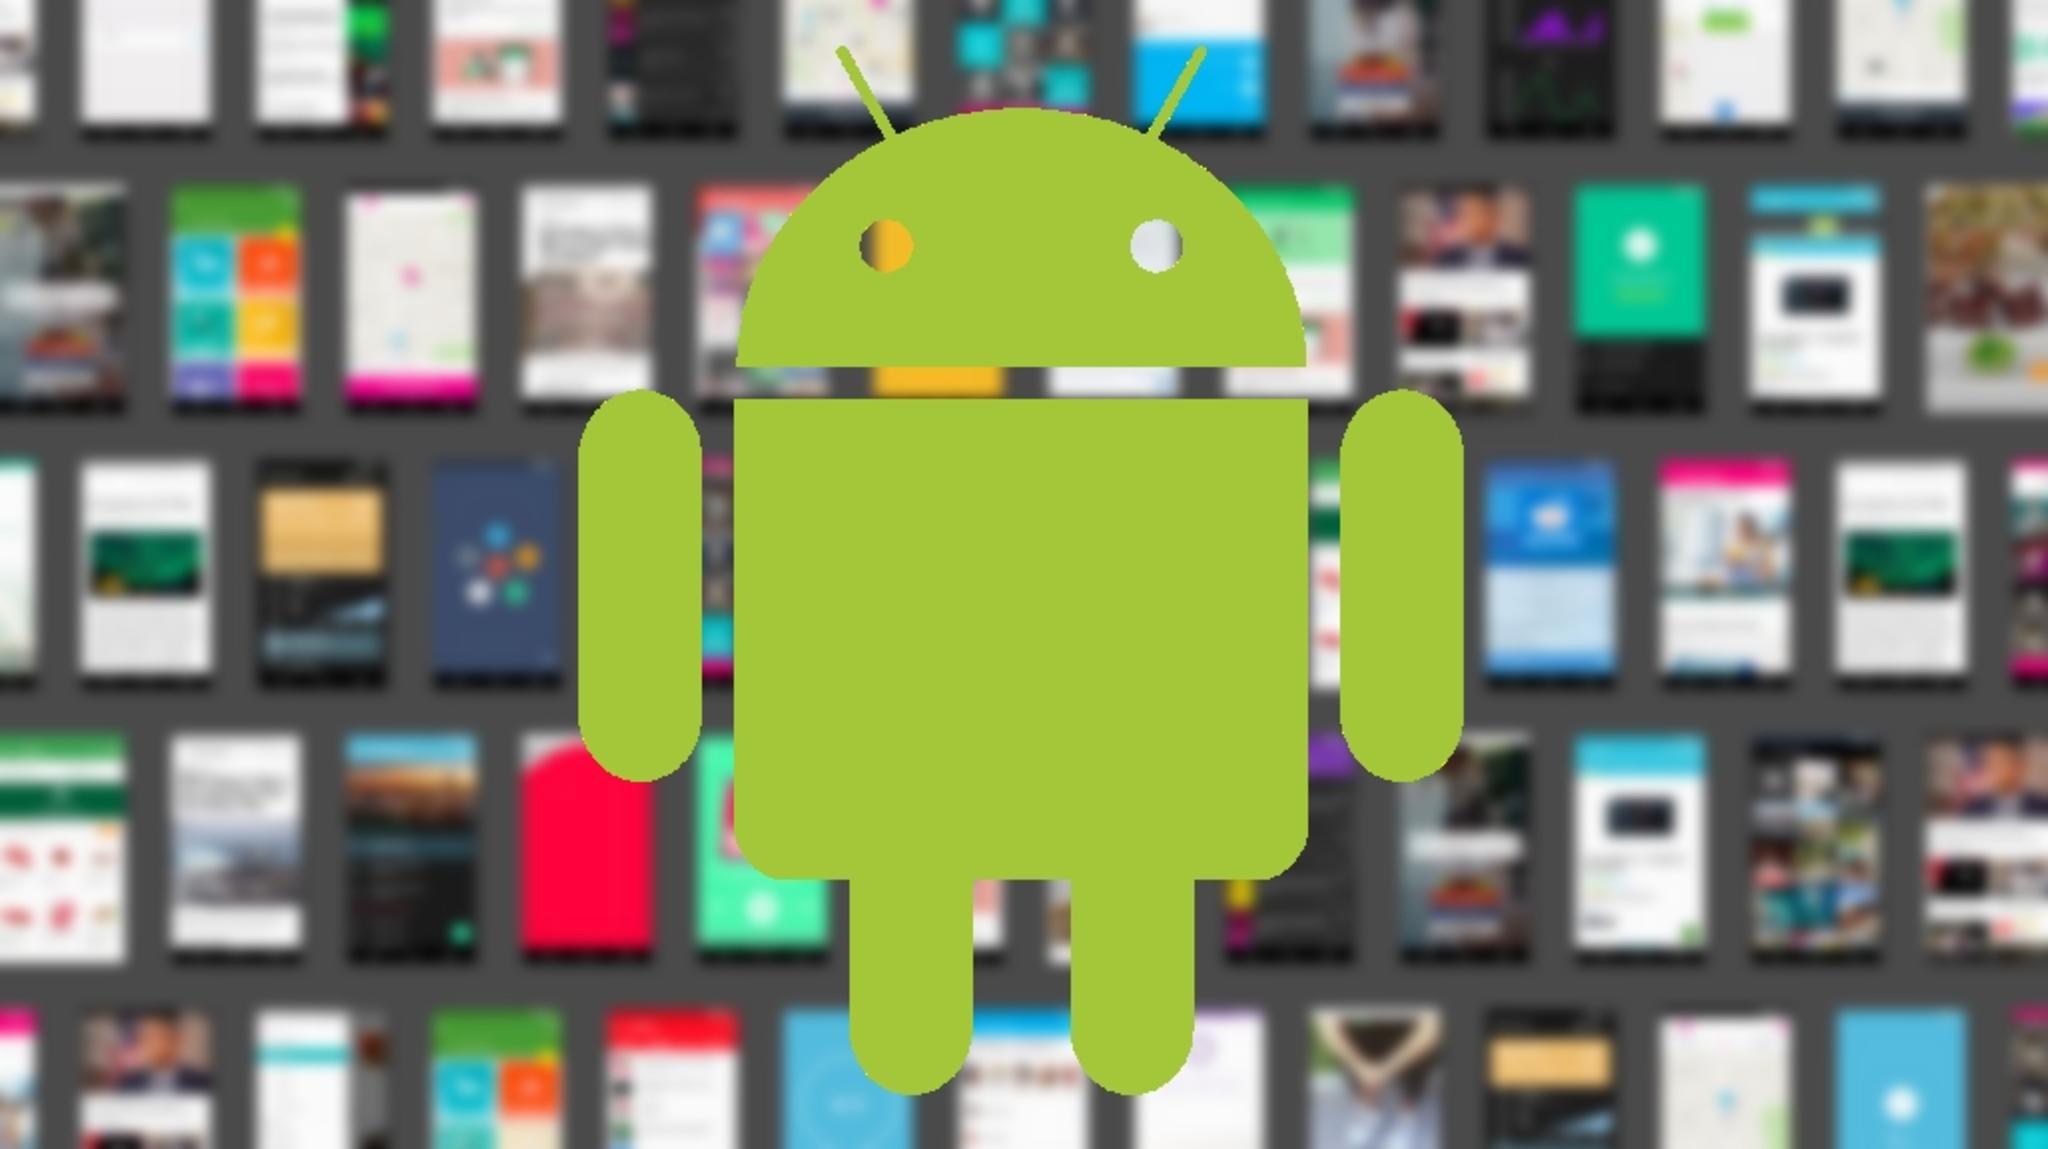 Inkompatible Android-Apps lassen sich auch ohne Root installieren. Wir zeigen Dir, wie das geht.